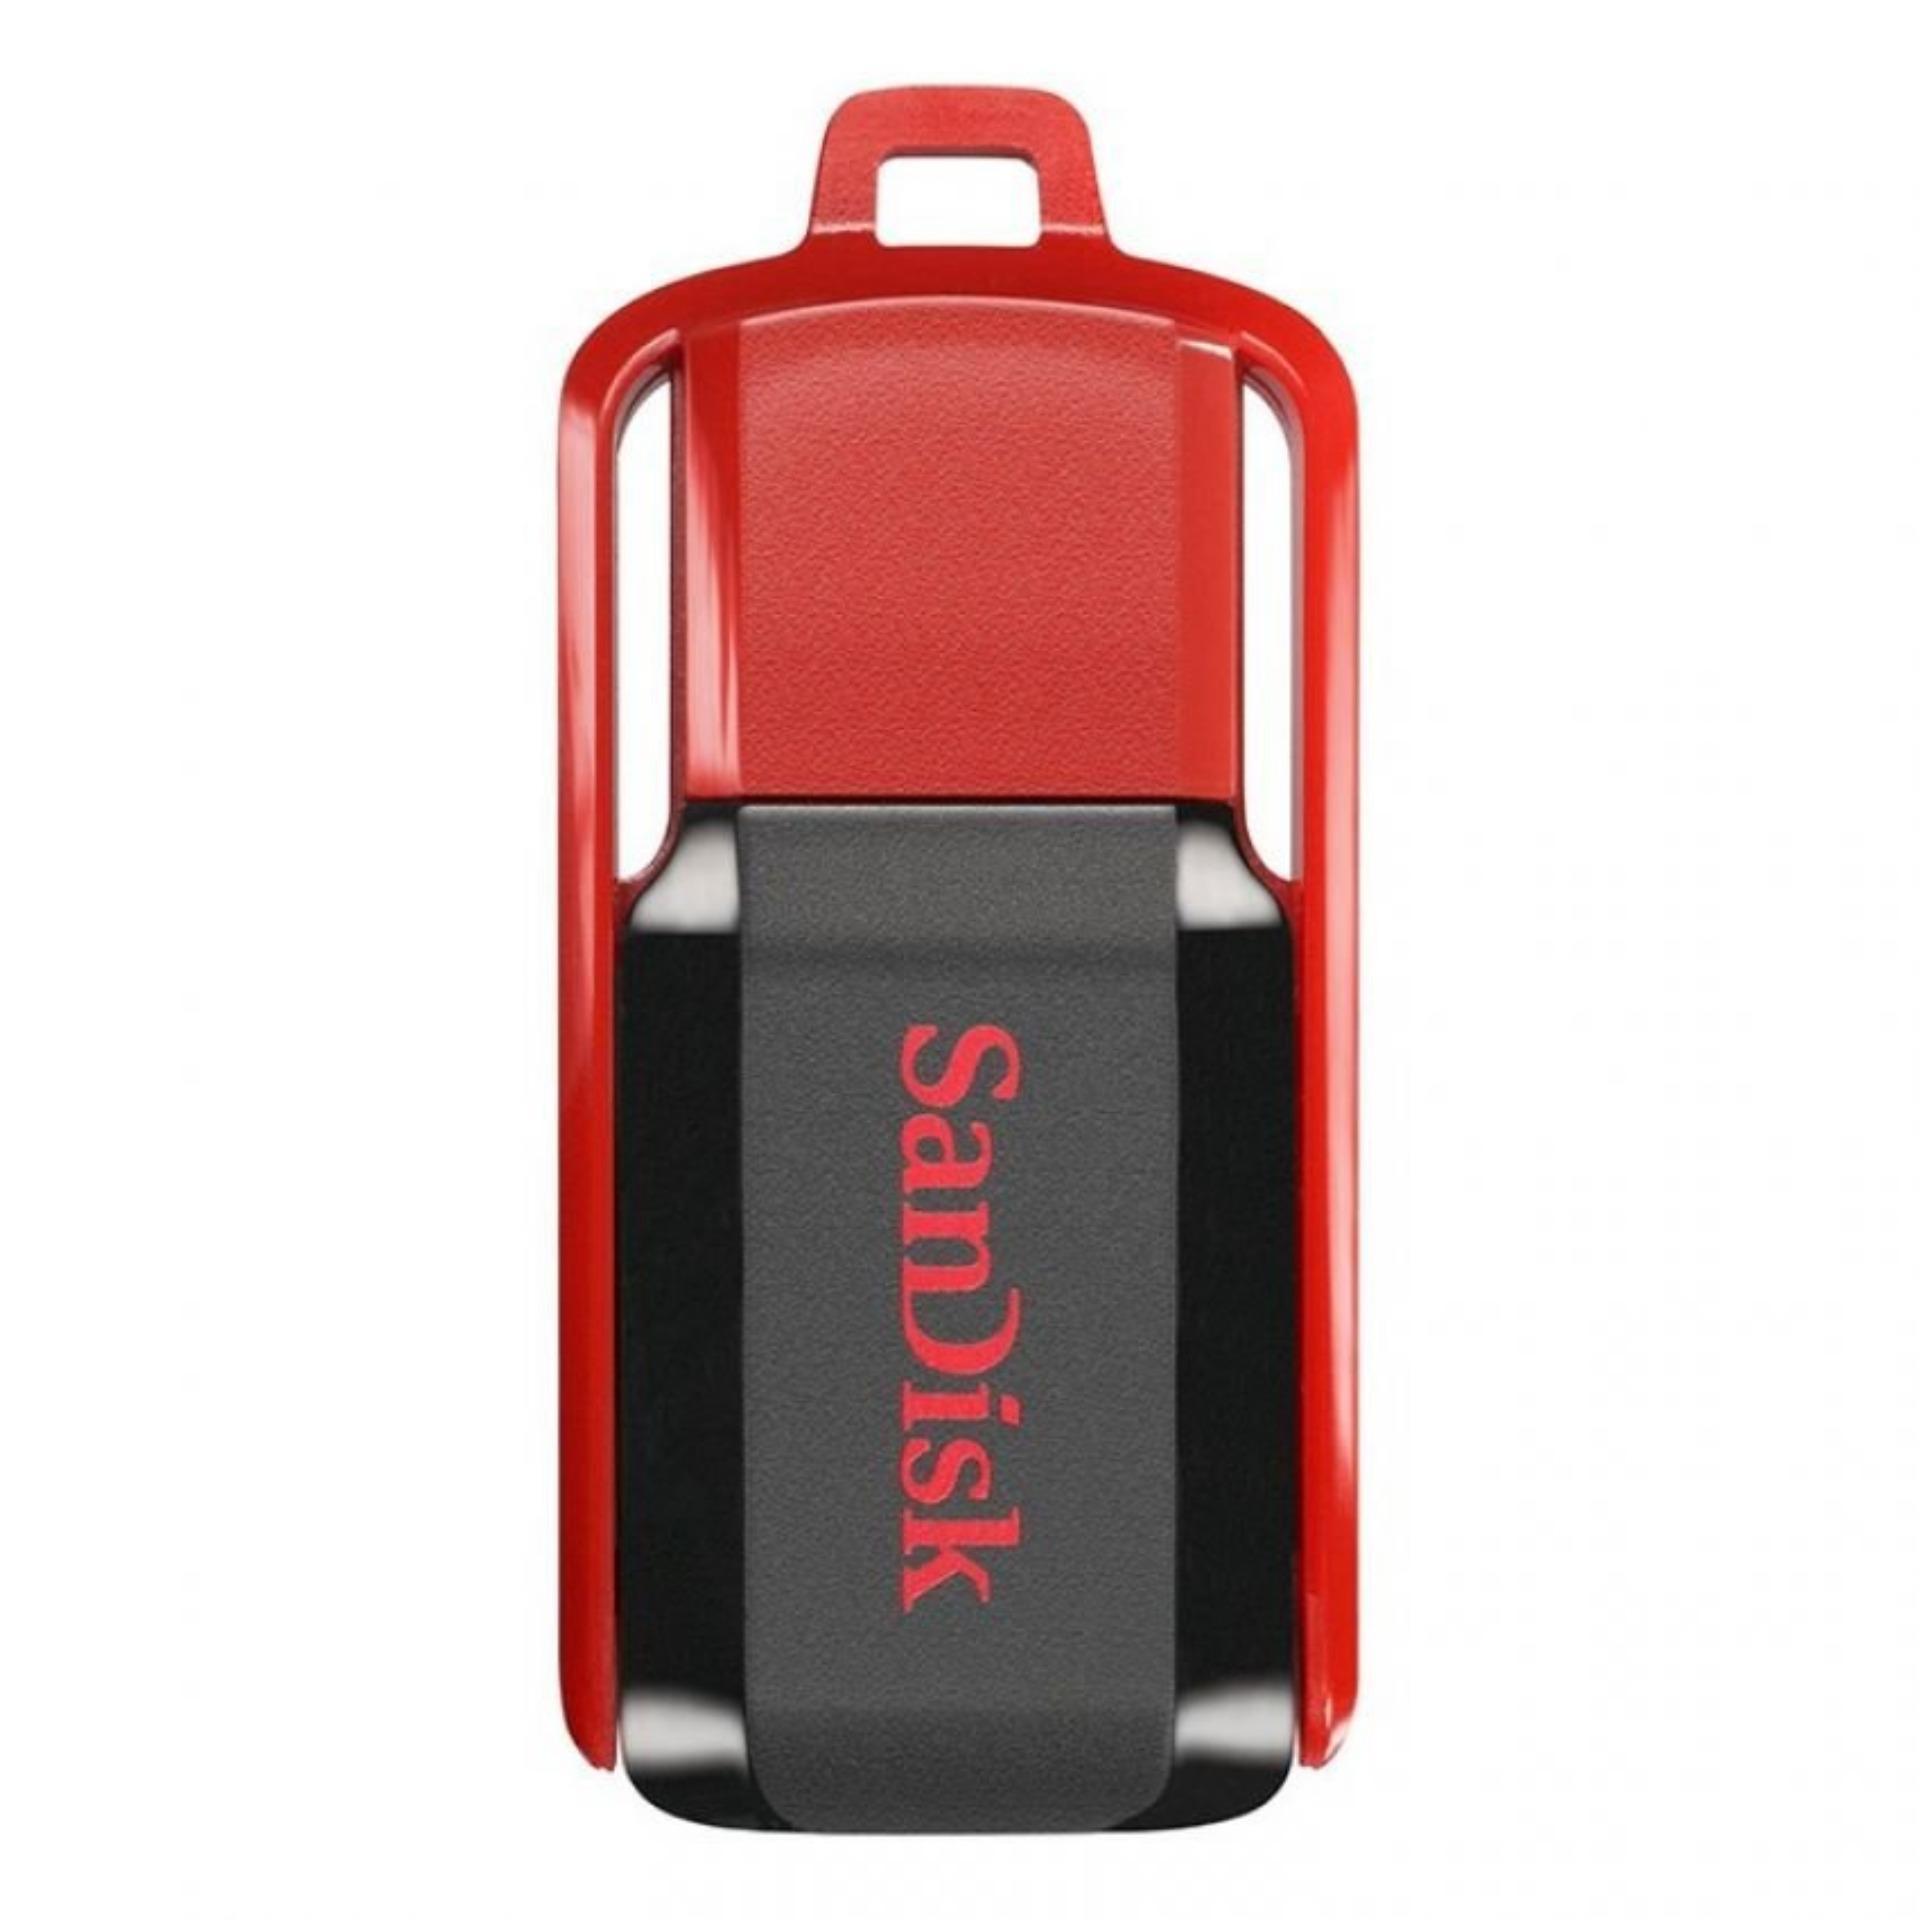 Sandisk Flashdisk Cruzer Edge Cz51 16gb Biru Spec Dan Daftar Harga Switch Cz52 Hitam Merah Usb 20